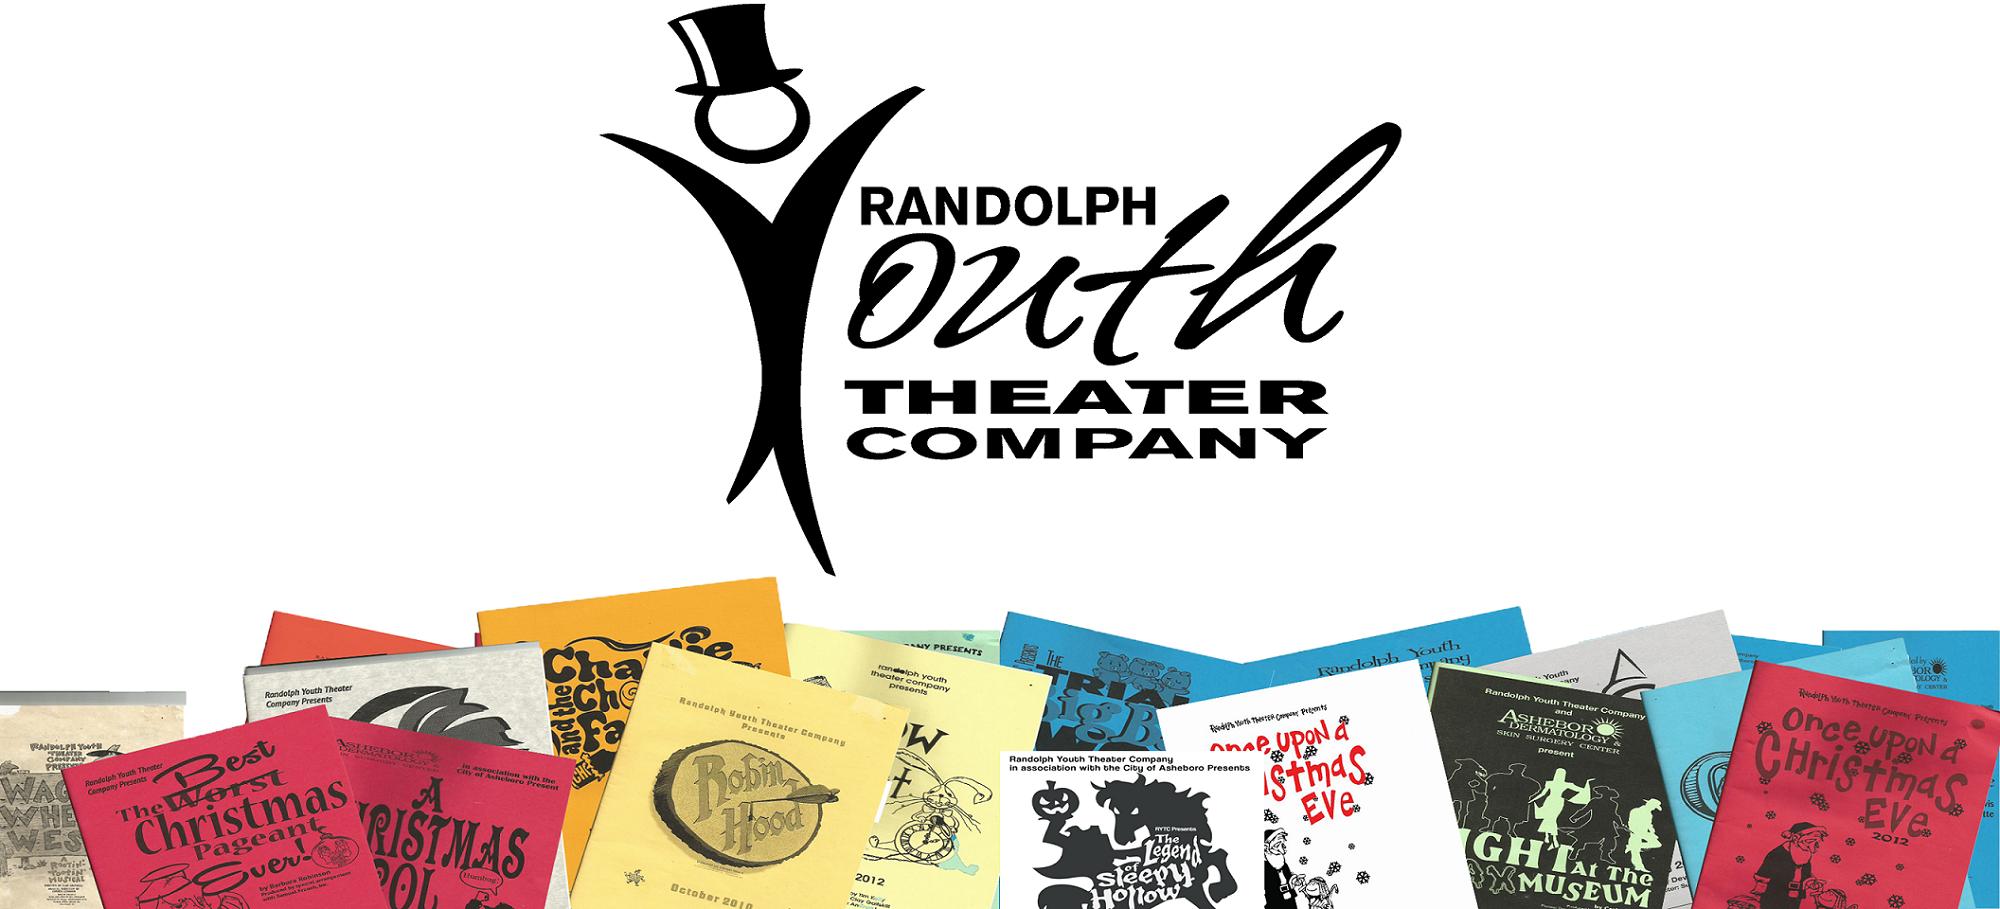 Randolph Youth Theater Company